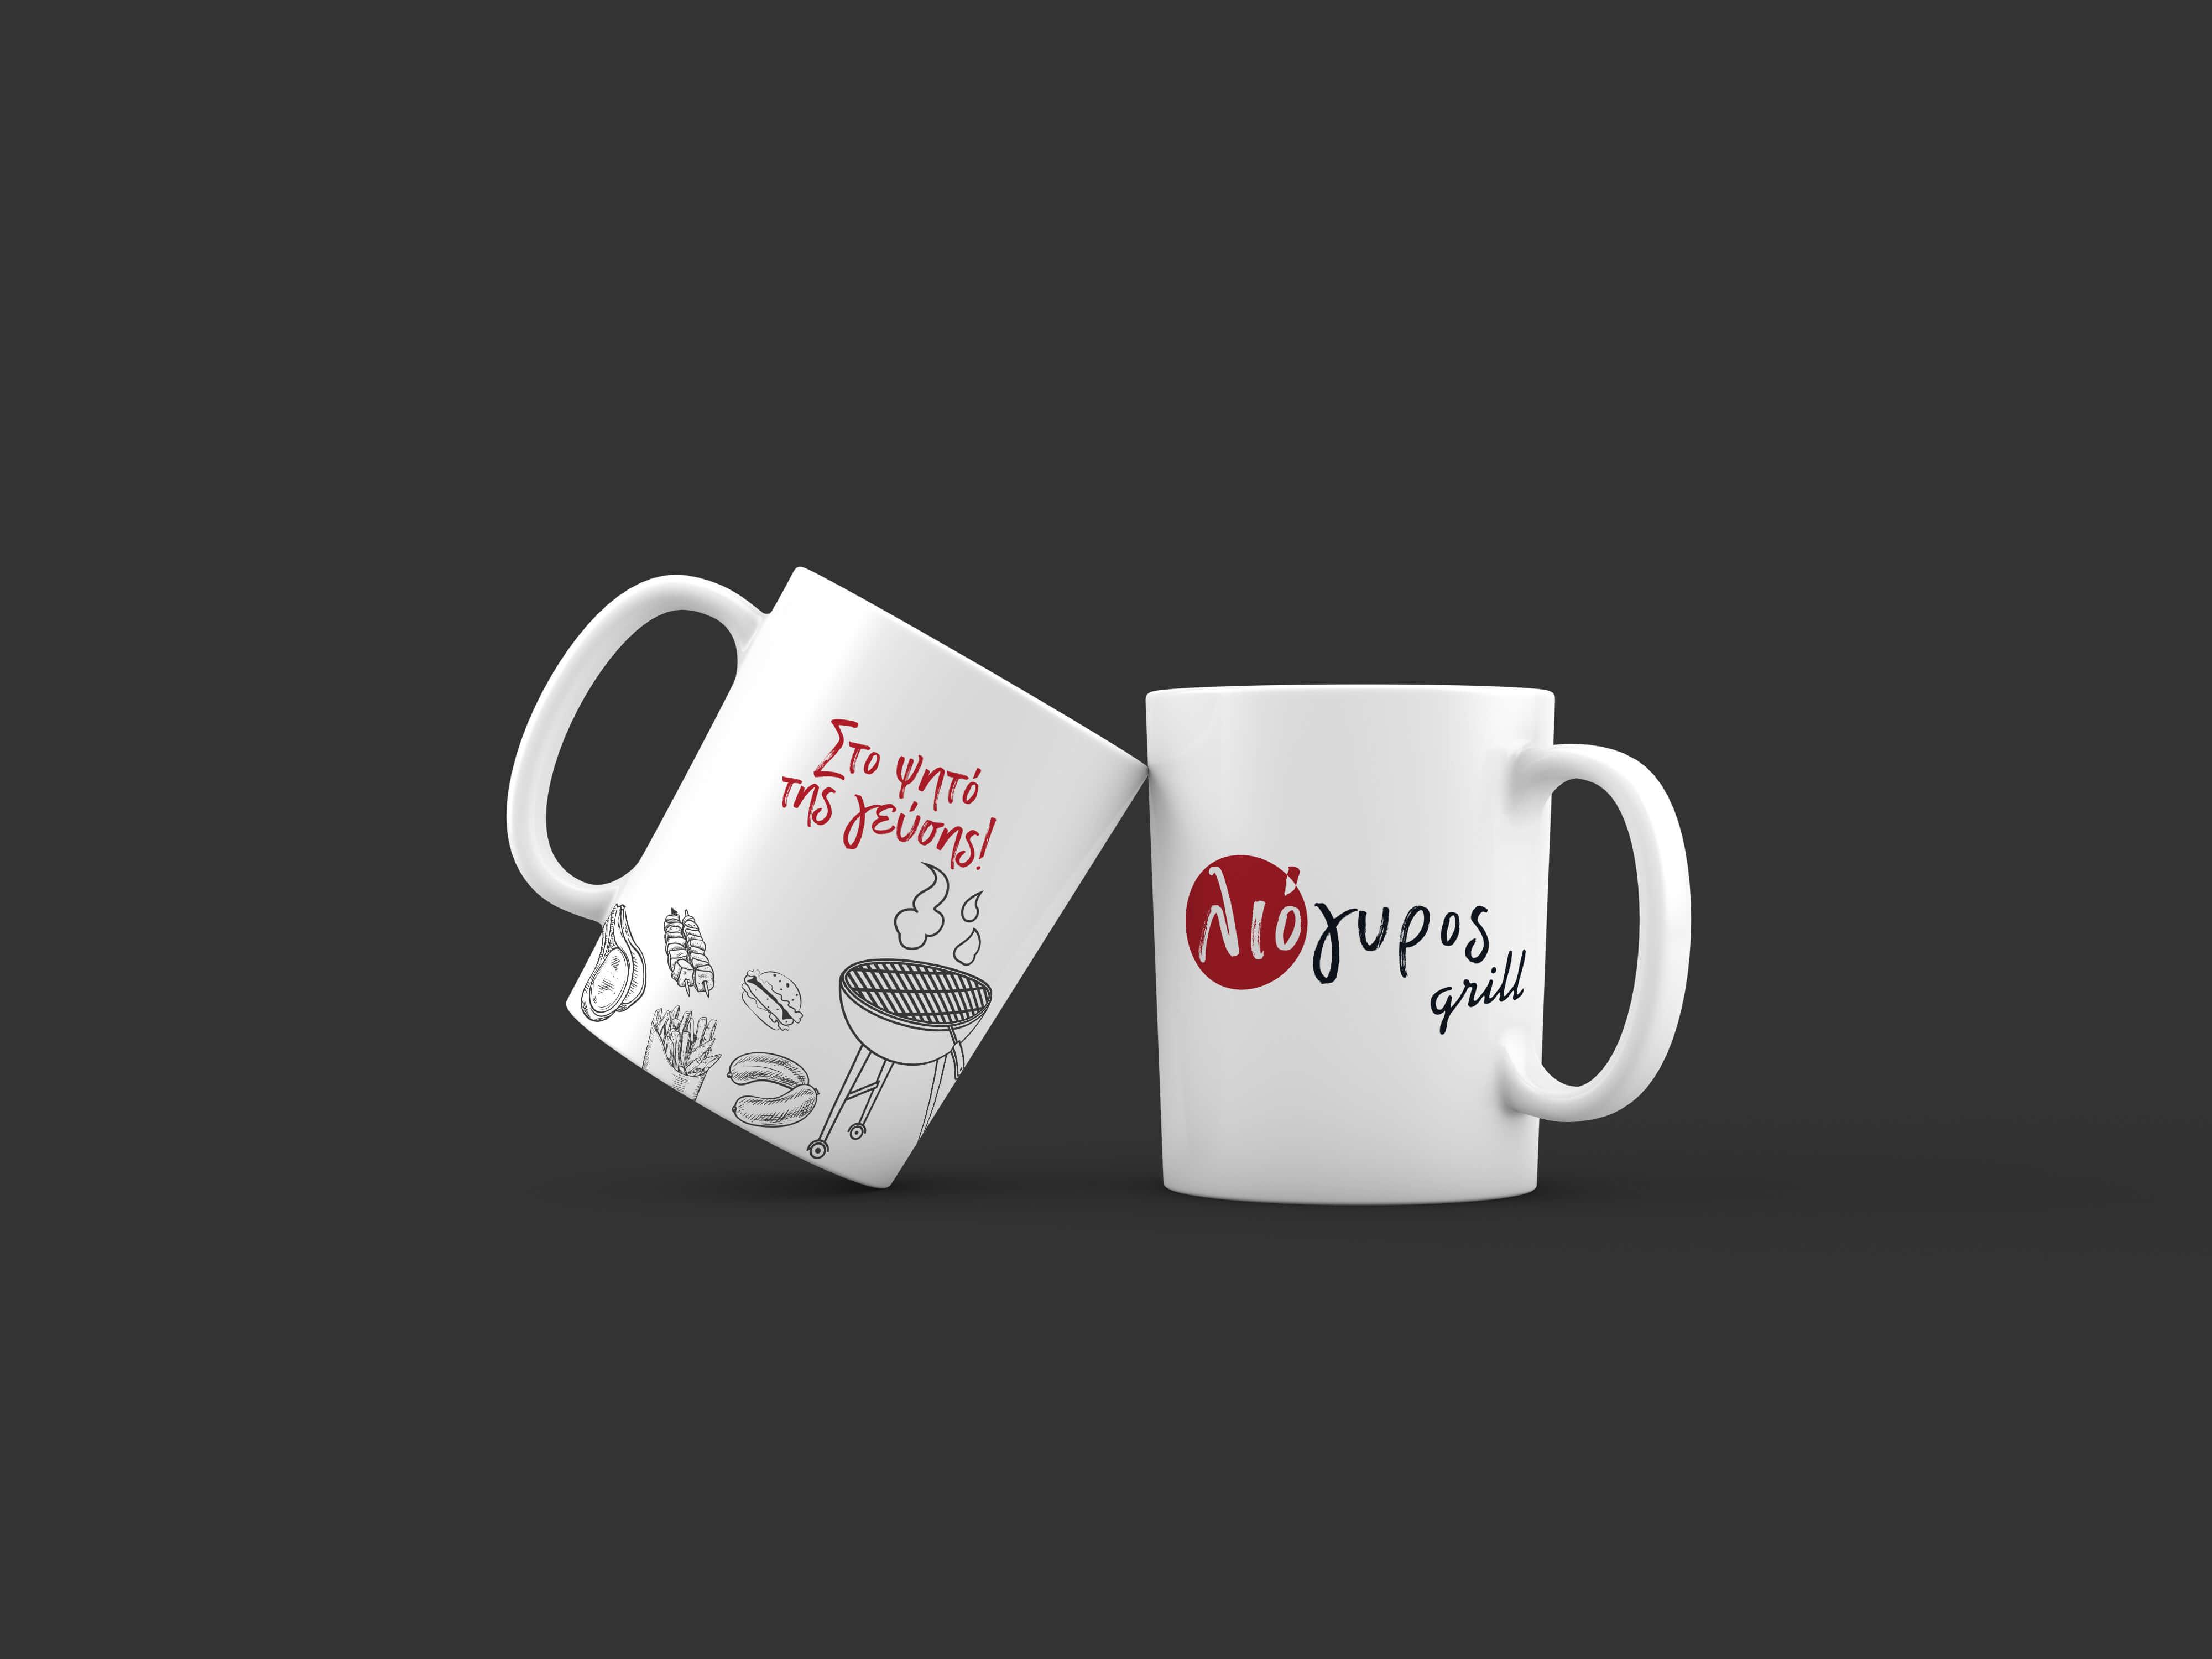 Cup OptionB